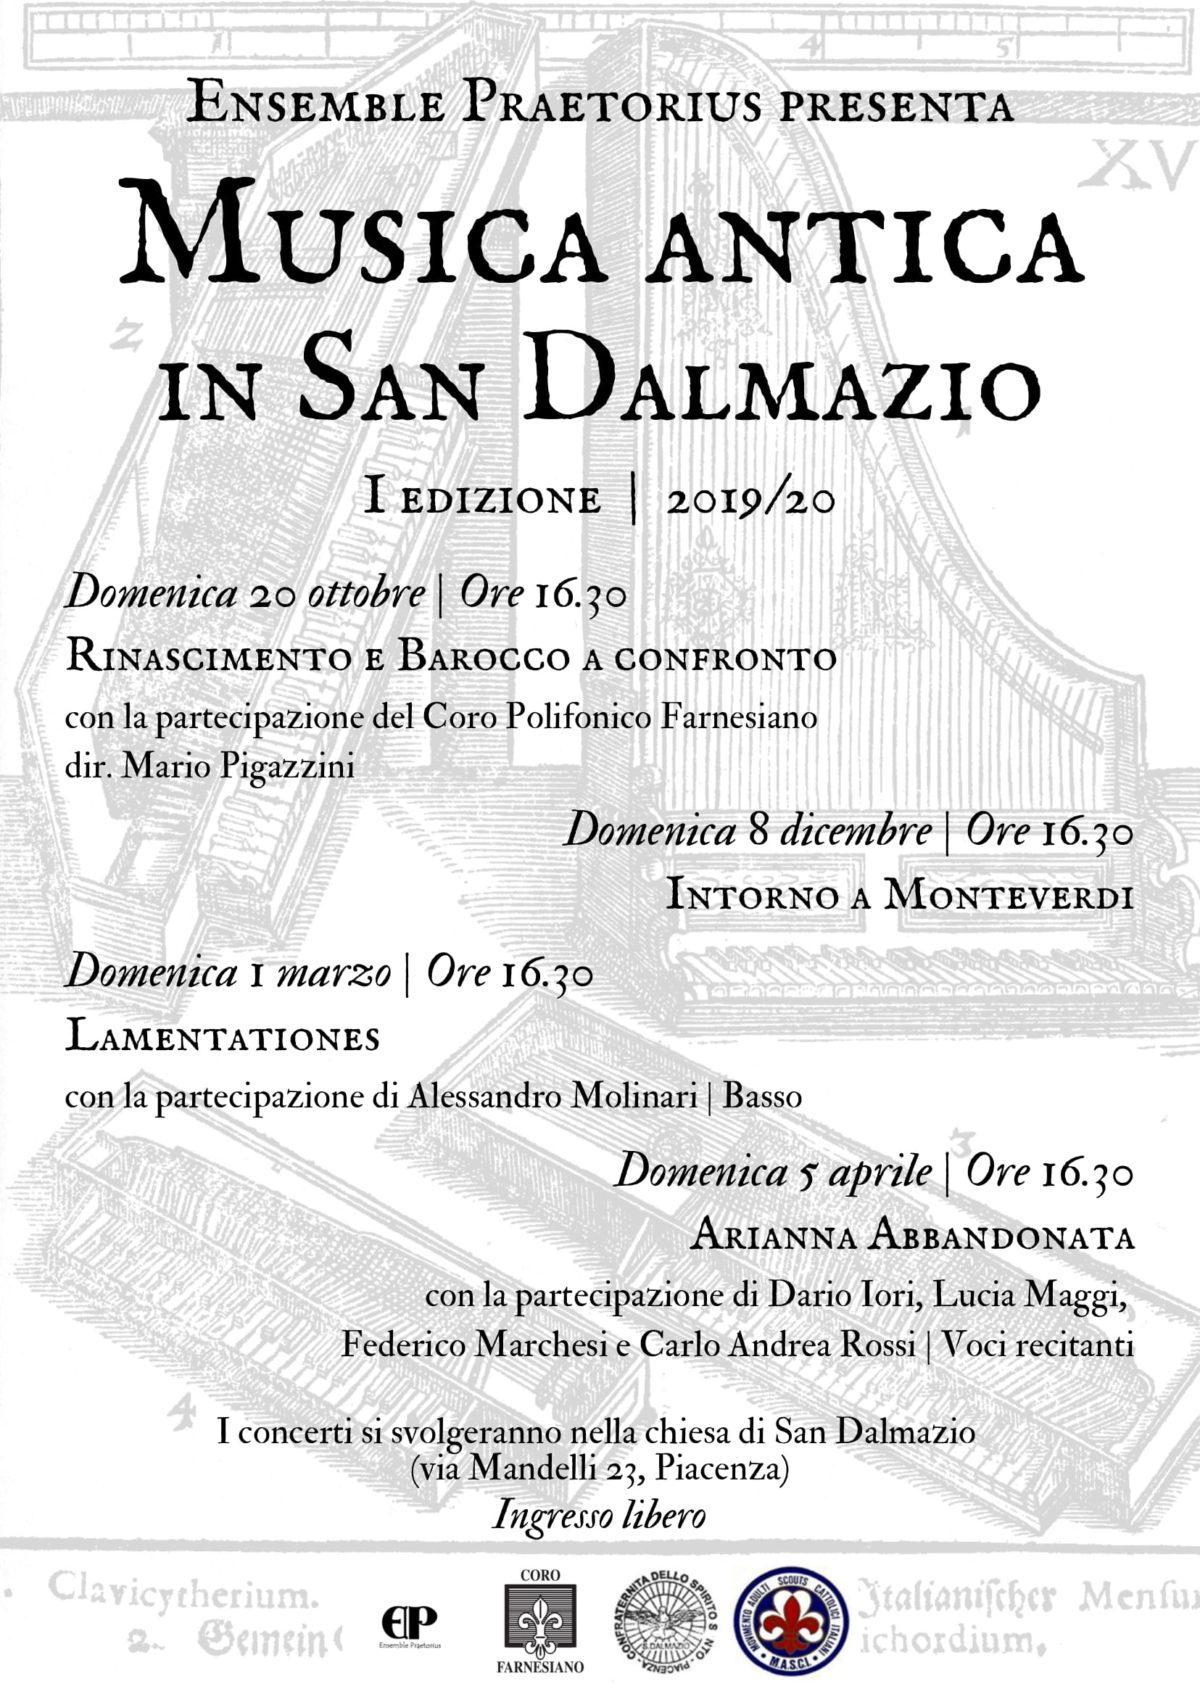 Musica antica in San Dalmazio 2-1